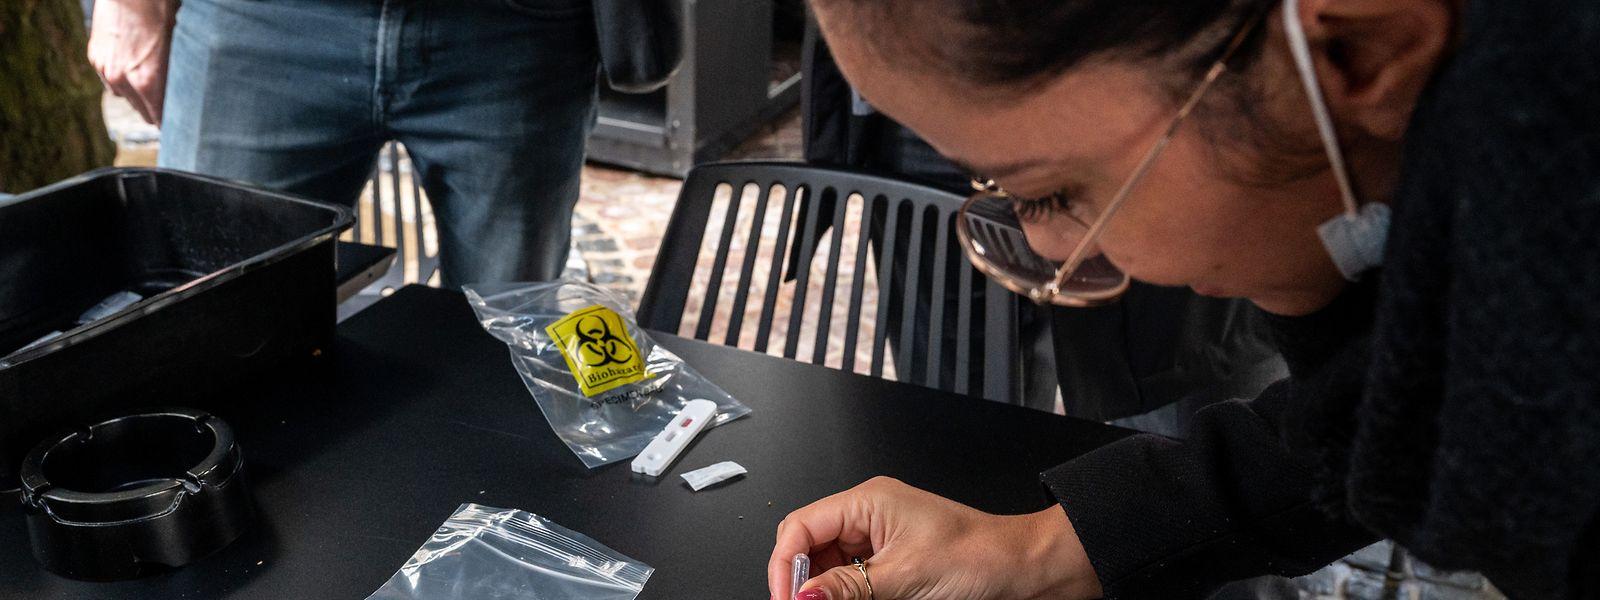 Gratis Schnelltests werden seit den neuen Covid-19 Regelungen vom 13. Juni nur noch bedingt eingesetzt, da Tische oft für vier Personen ausgelegt werden, die mittlerweile ungetestet zusammenkommen dürfen.